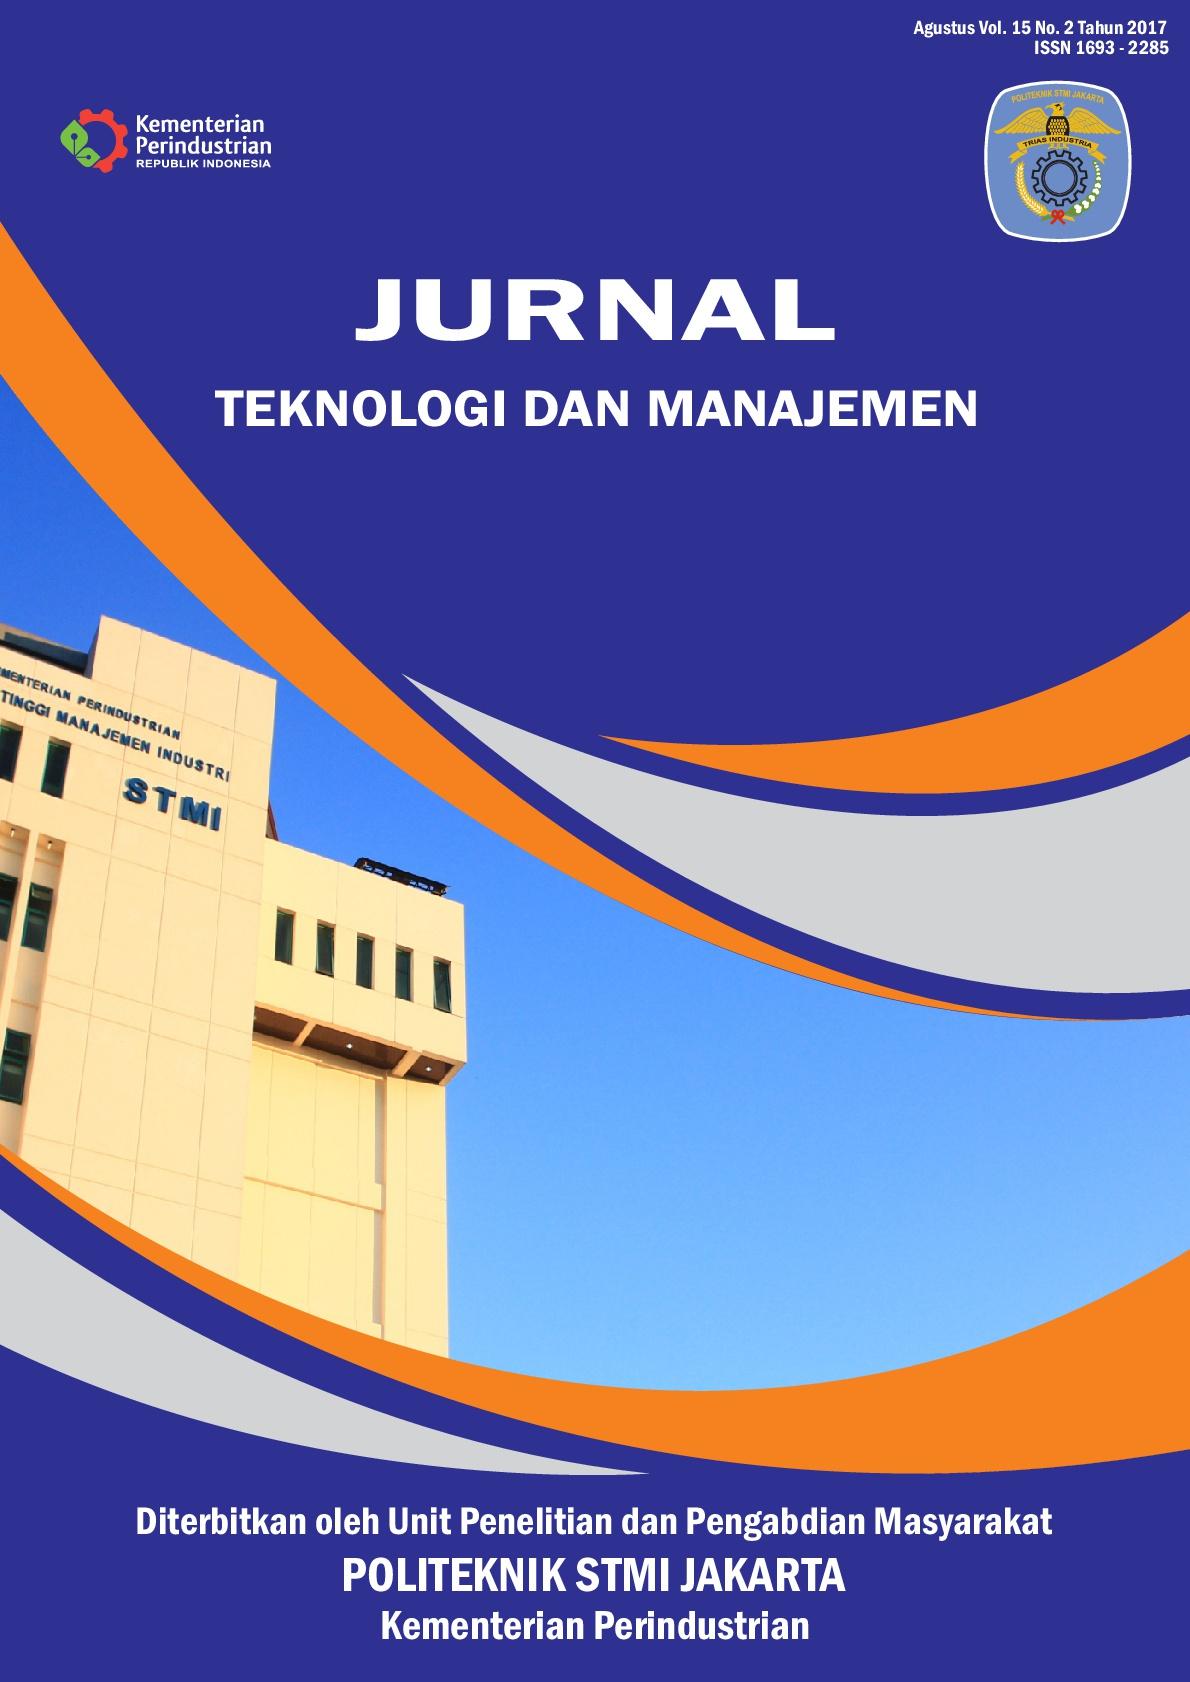 Jurnal Teknologi dan Manajemen Volume 15 No 2 Agustus 2017